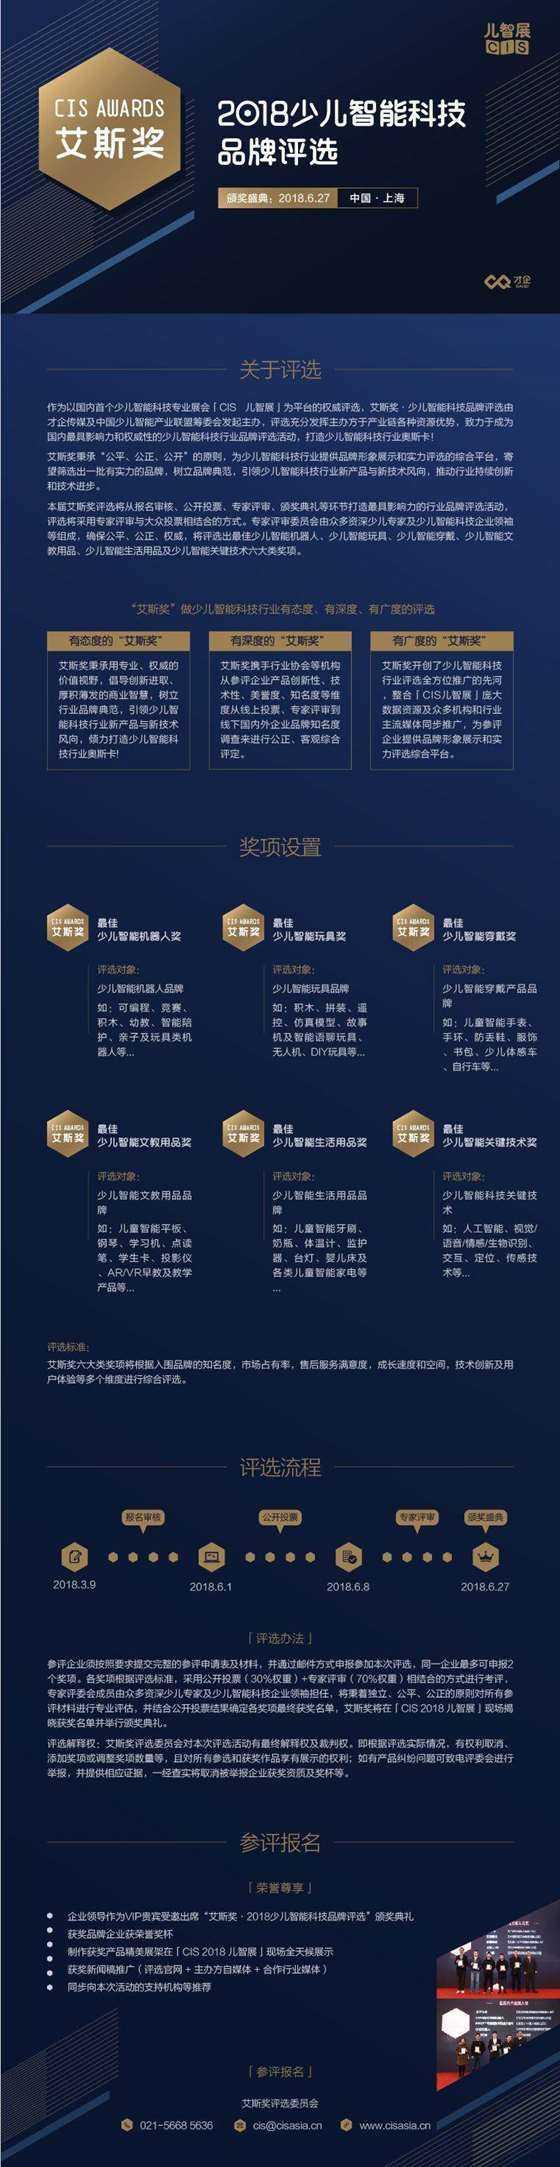 2018艾斯奖活动平台发布-长图.jpg